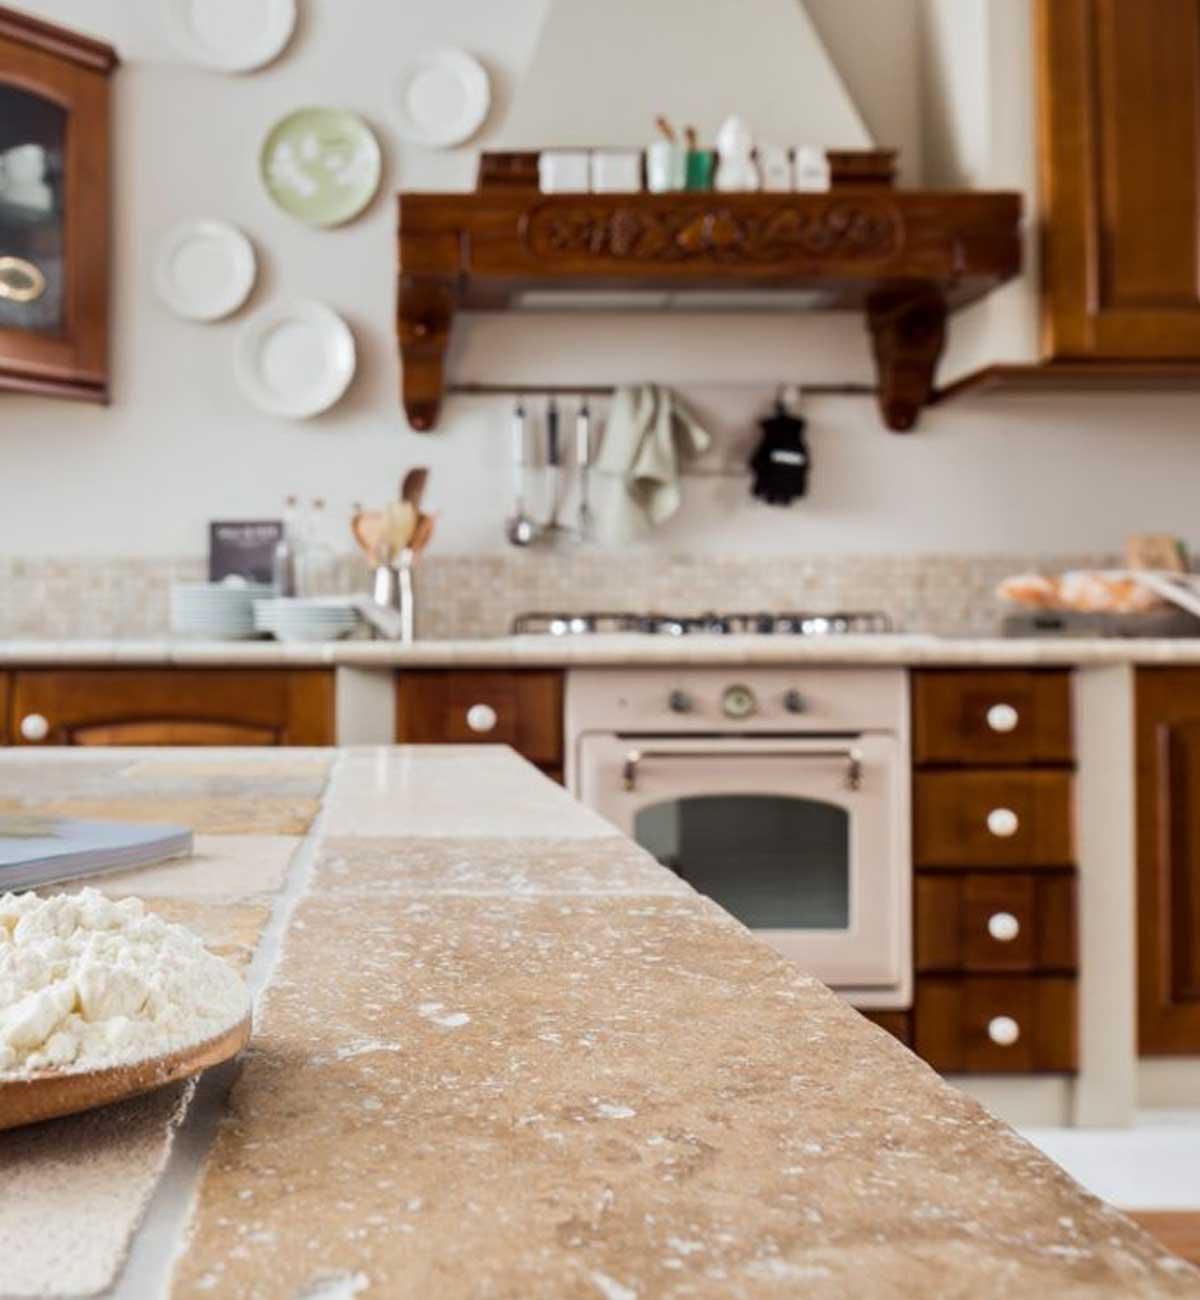 Tante idee per realizzare il sogno di una cucina - Camere ...